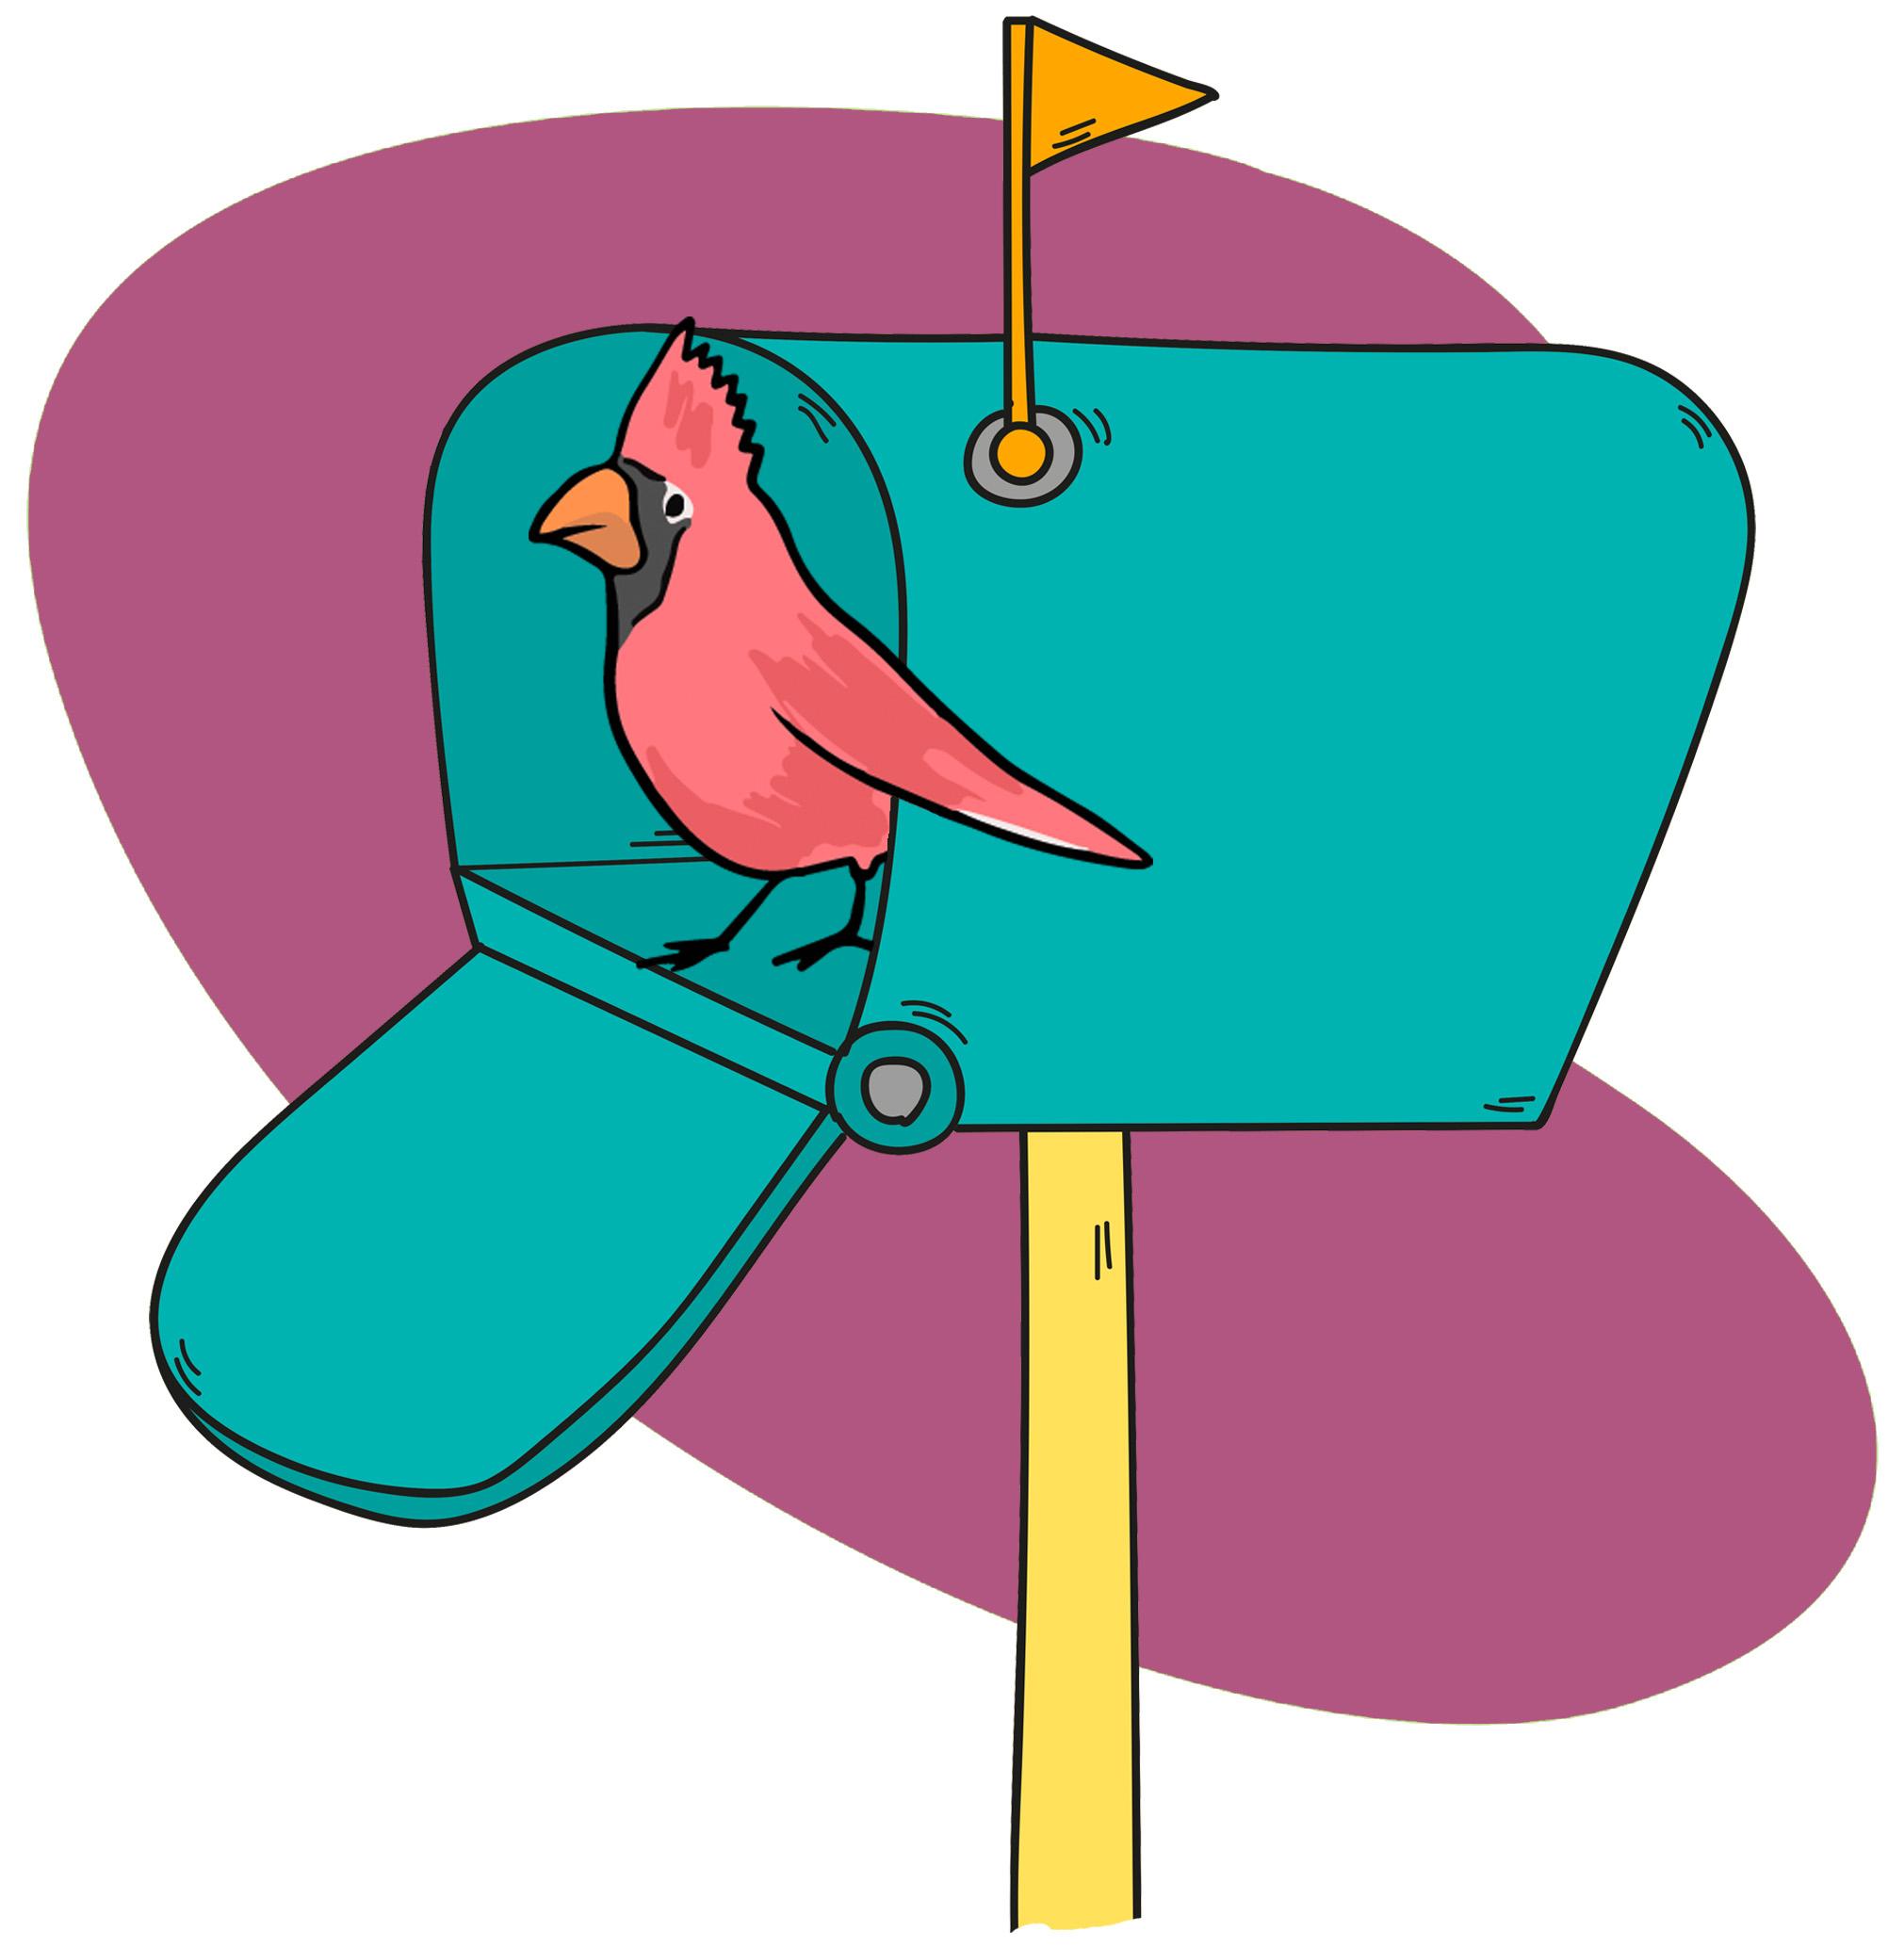 A cute bird peeking out of a mailbox